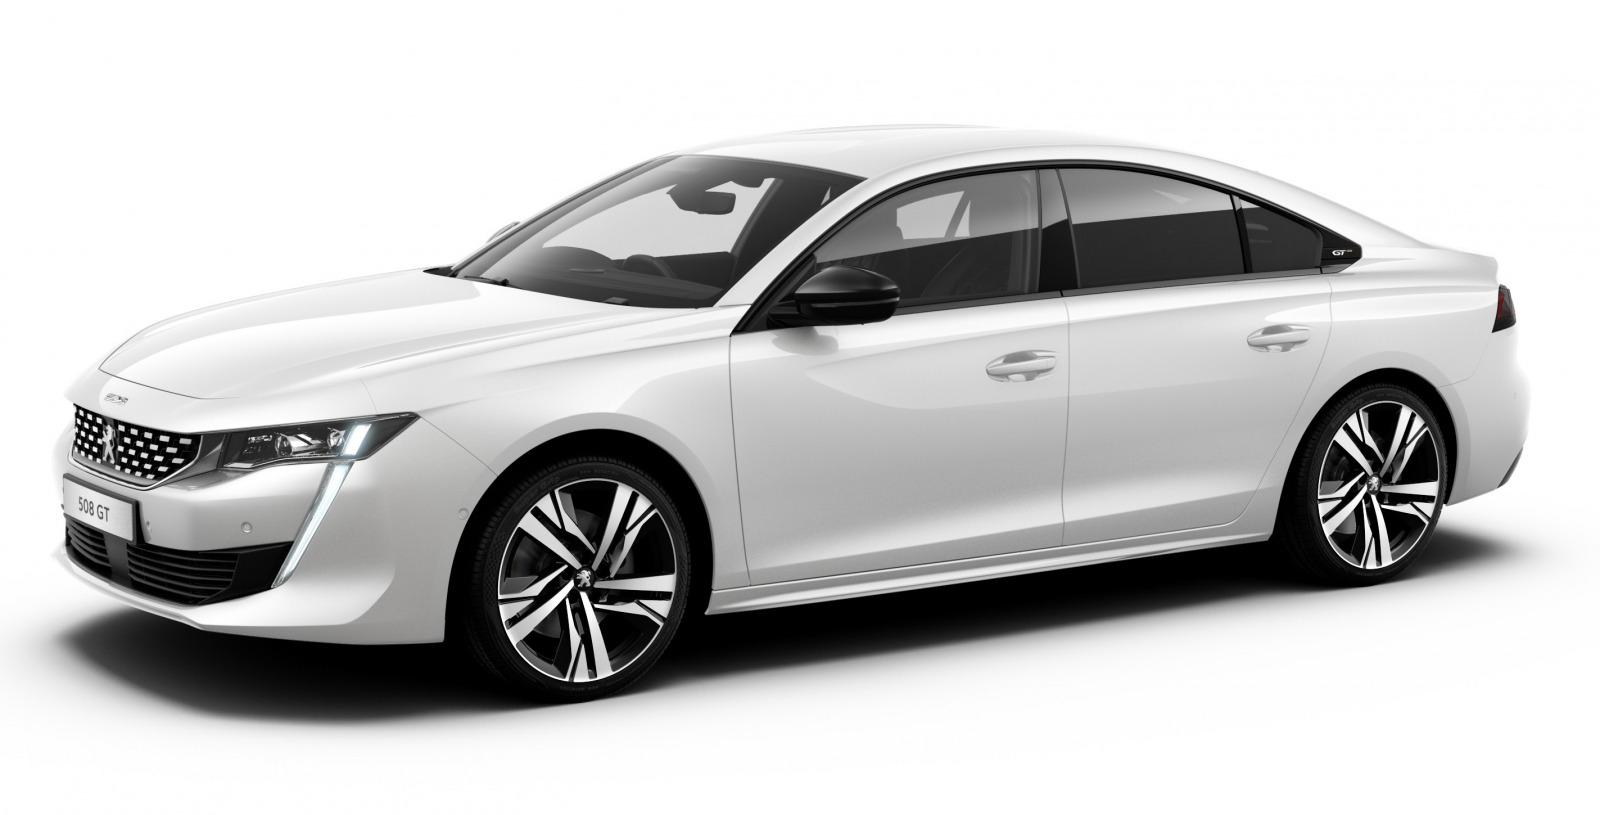 「プジョー508/508SWに人気装備を搭載した特別仕様車「Premium Leather Edition」が設定【新車】」の2枚目の画像